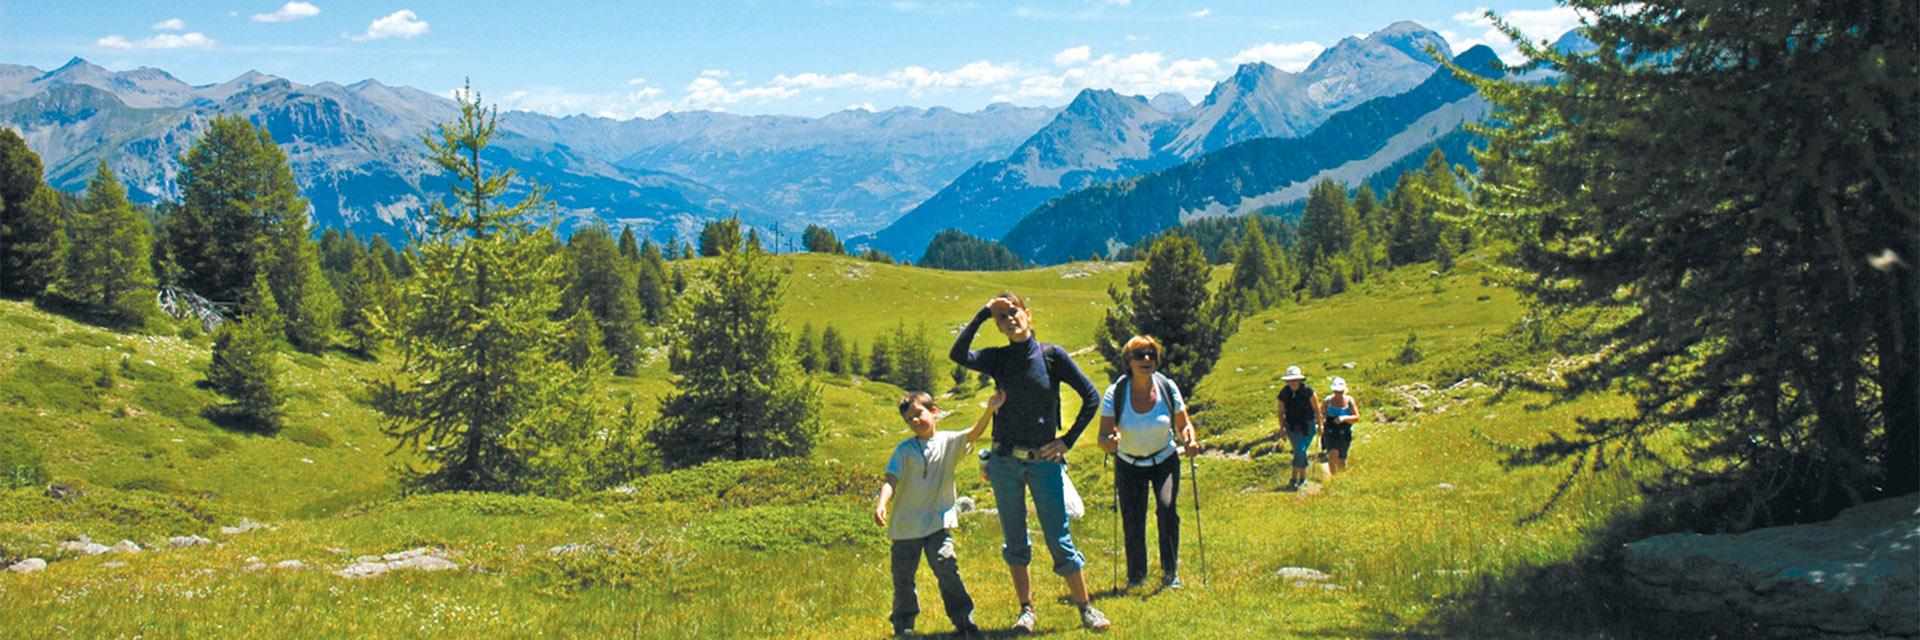 Village_club_vacances_alpes-de-haute-provence_domaine-de-l-Adoux_rando